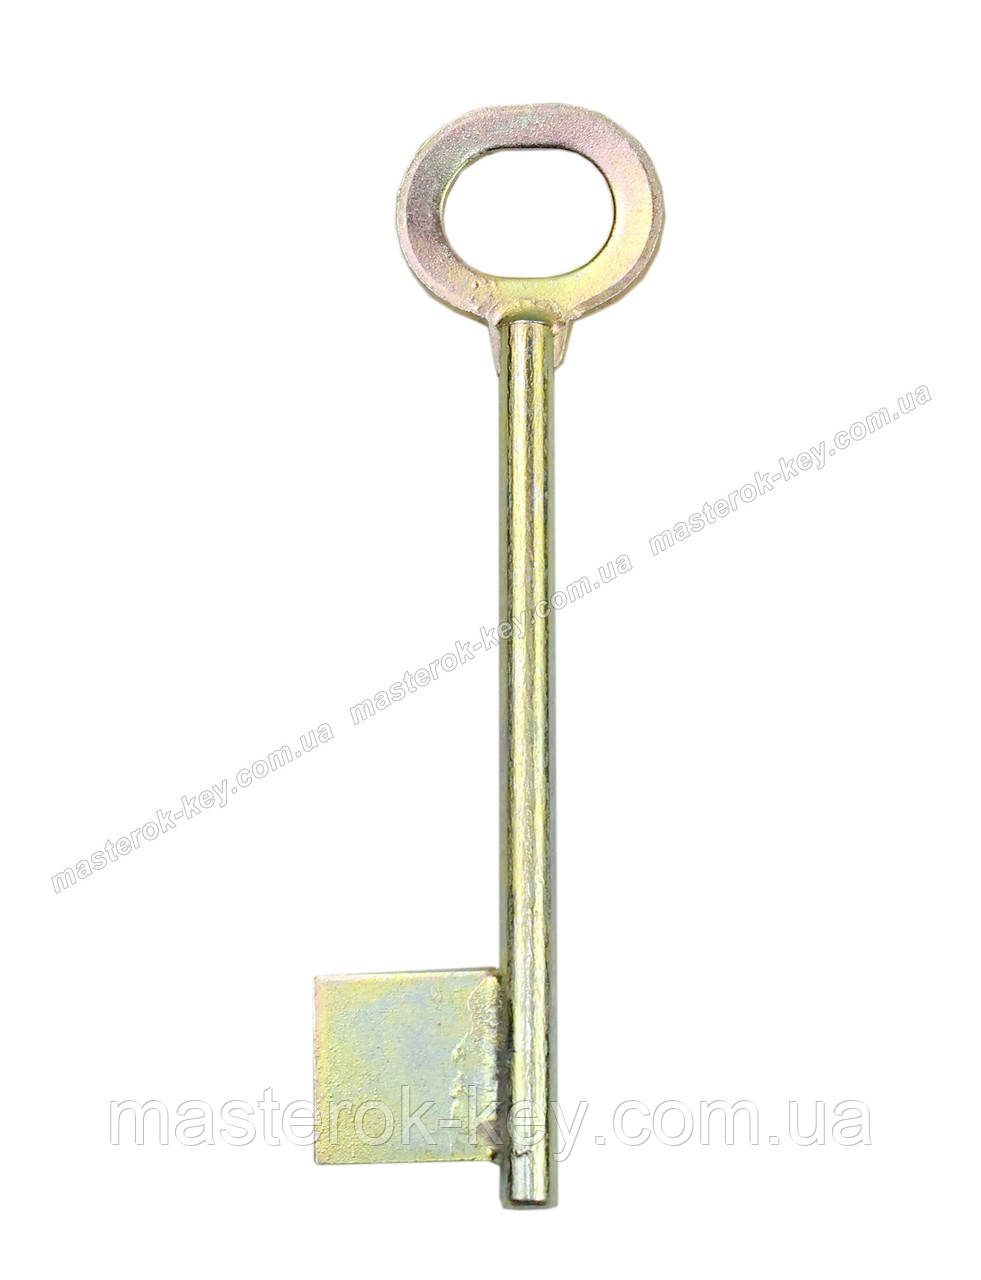 Заготовка ключа ЖЕЛТОВОДЬЕ 6мм без отверстия с носиком